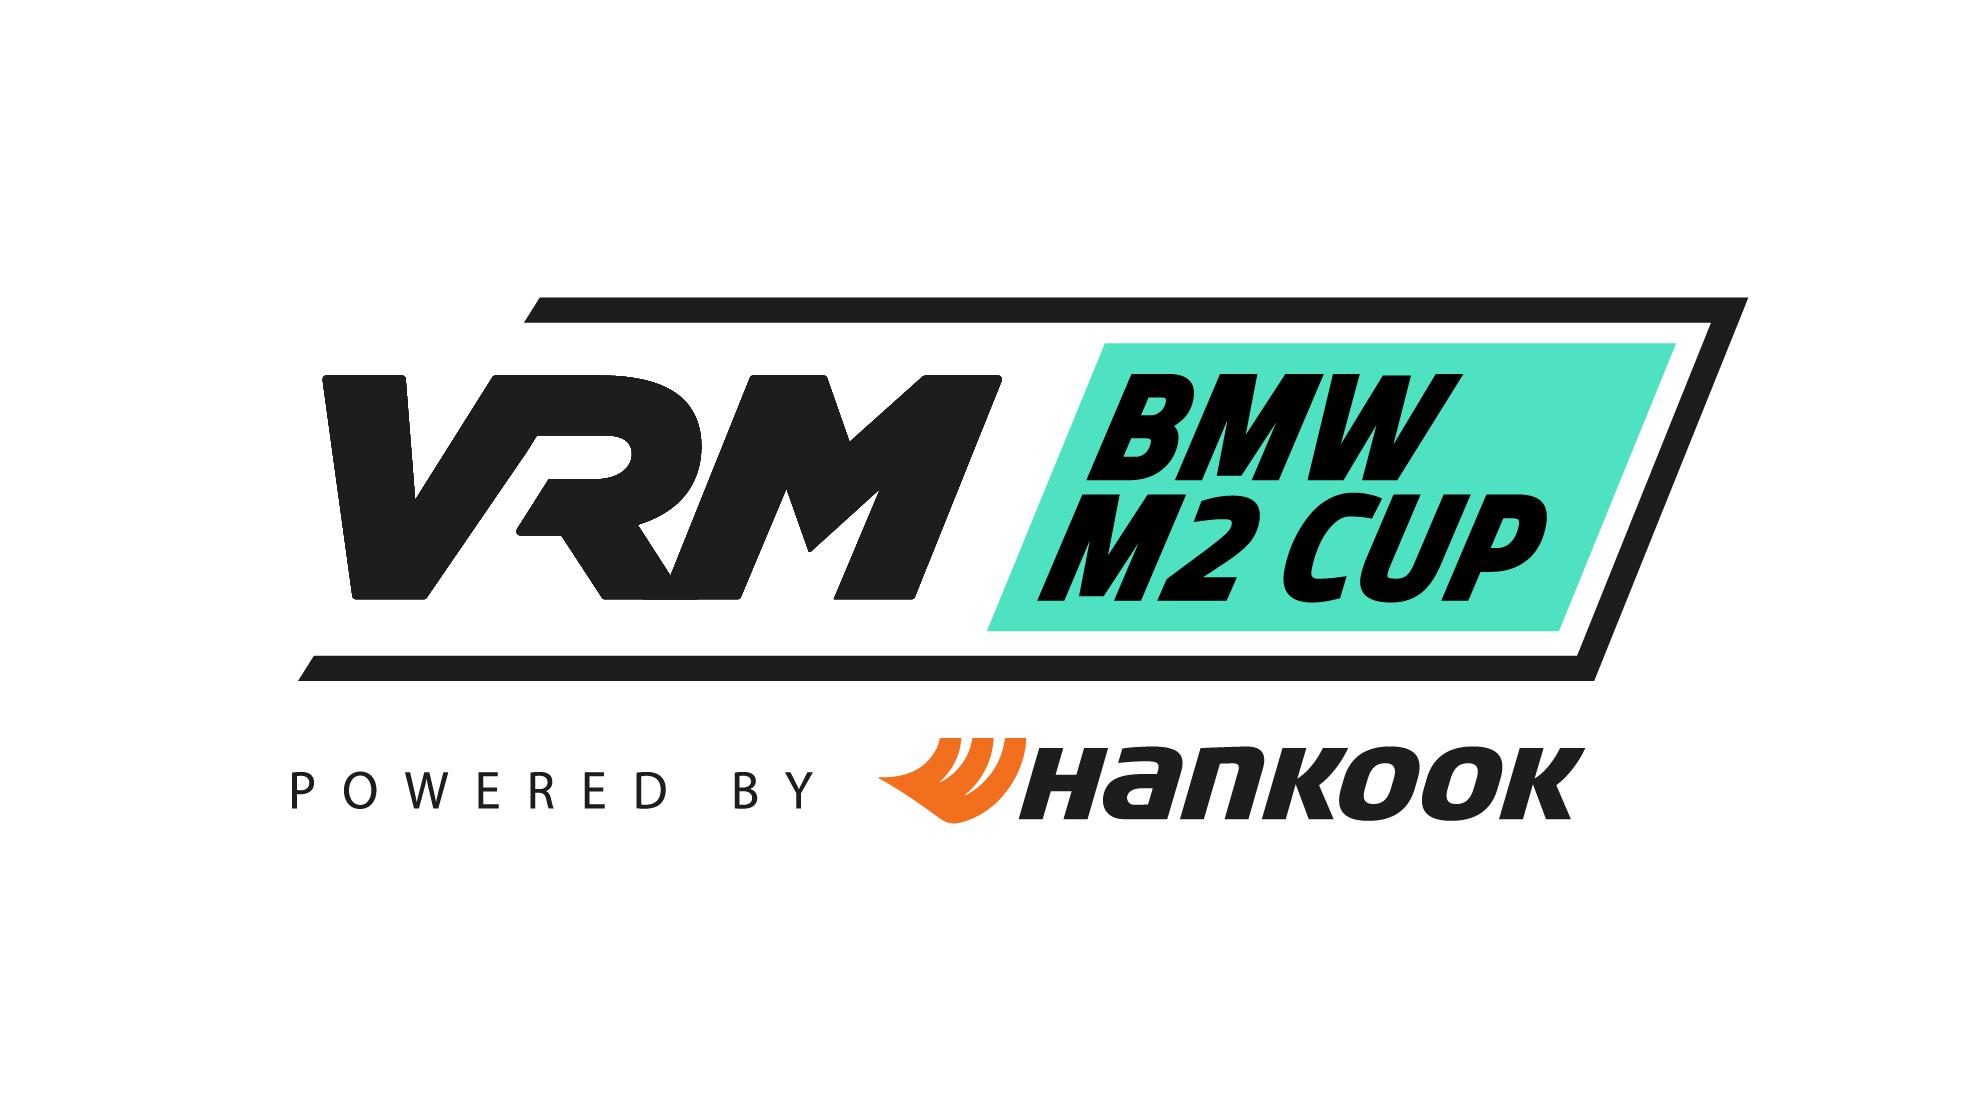 1621430605-BMWM2CUP-LOGO.jpg